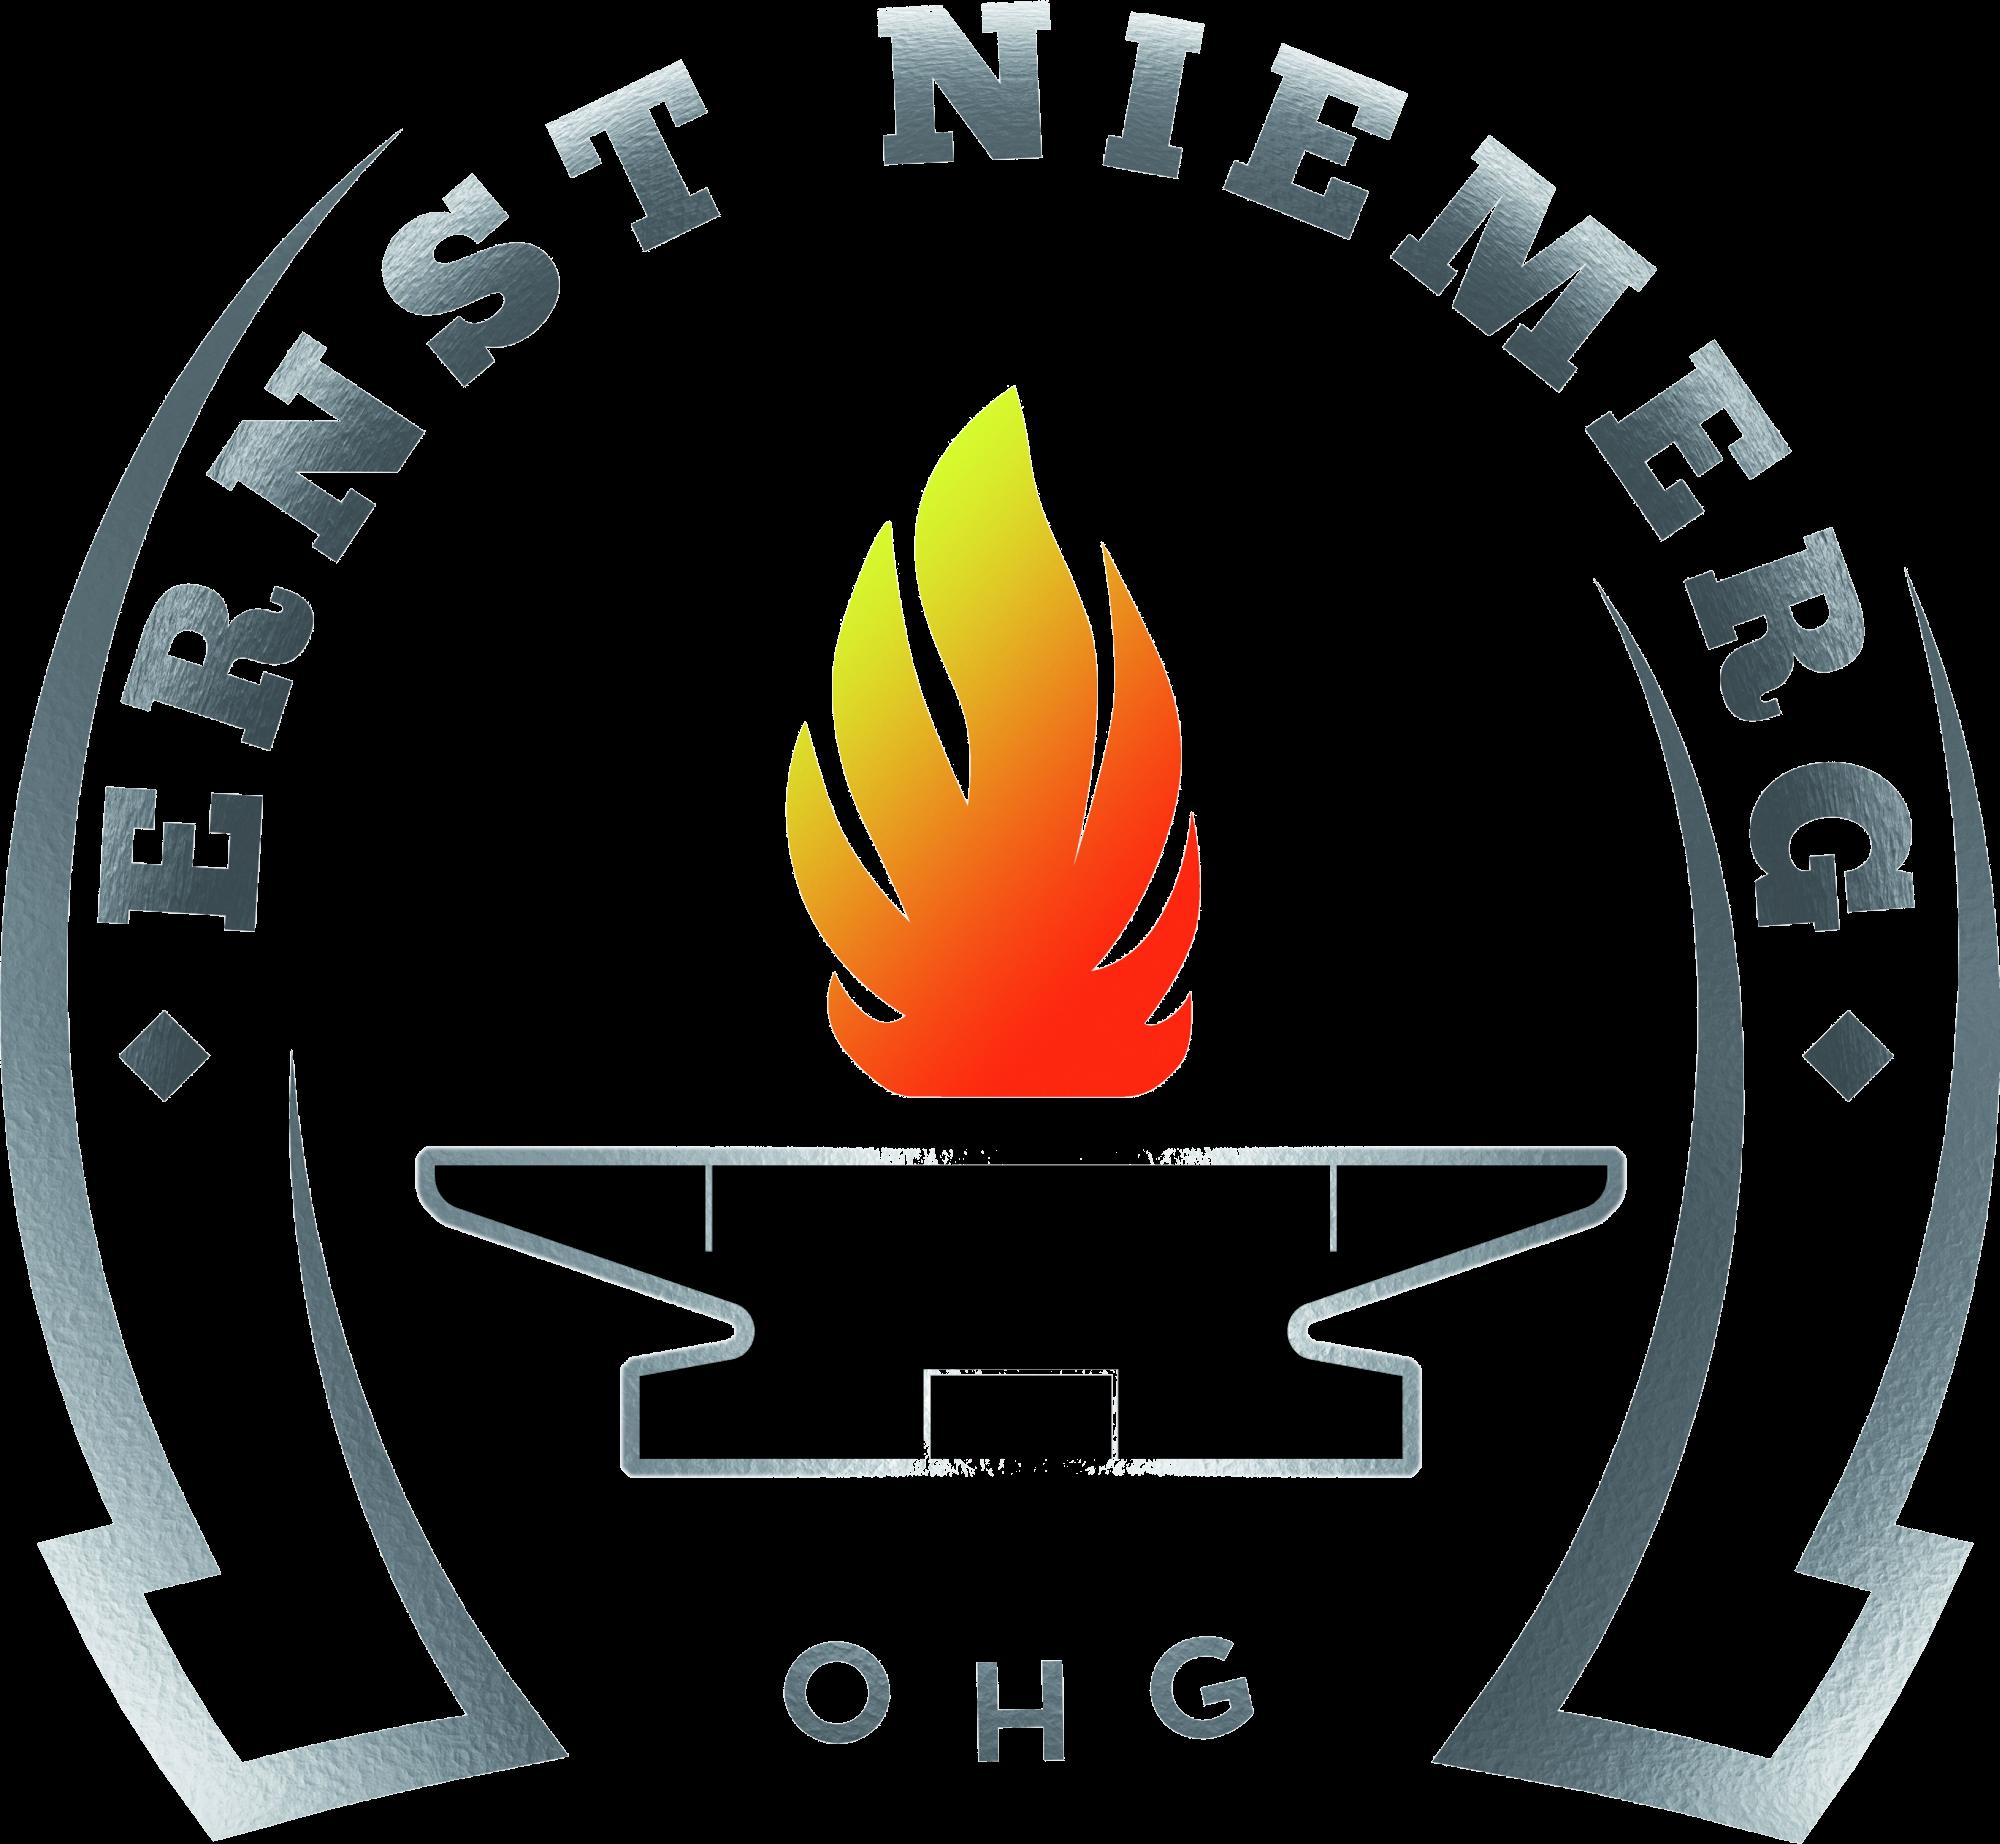 Ernst Niemerg OHG